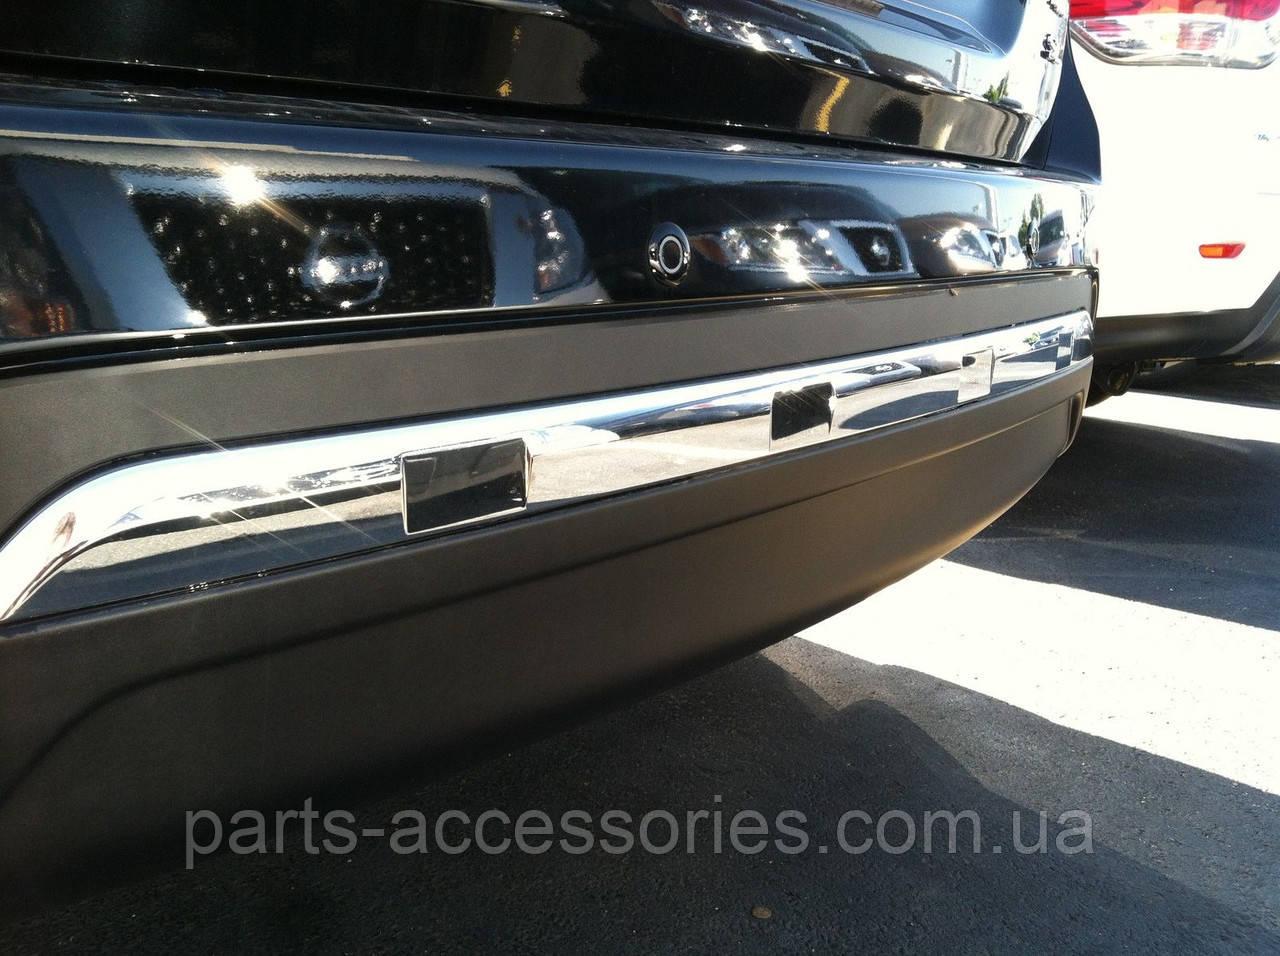 Nissan Pathfinder 2013-16 хромовая накладка молдинг на задний бампер Новый Оригинал